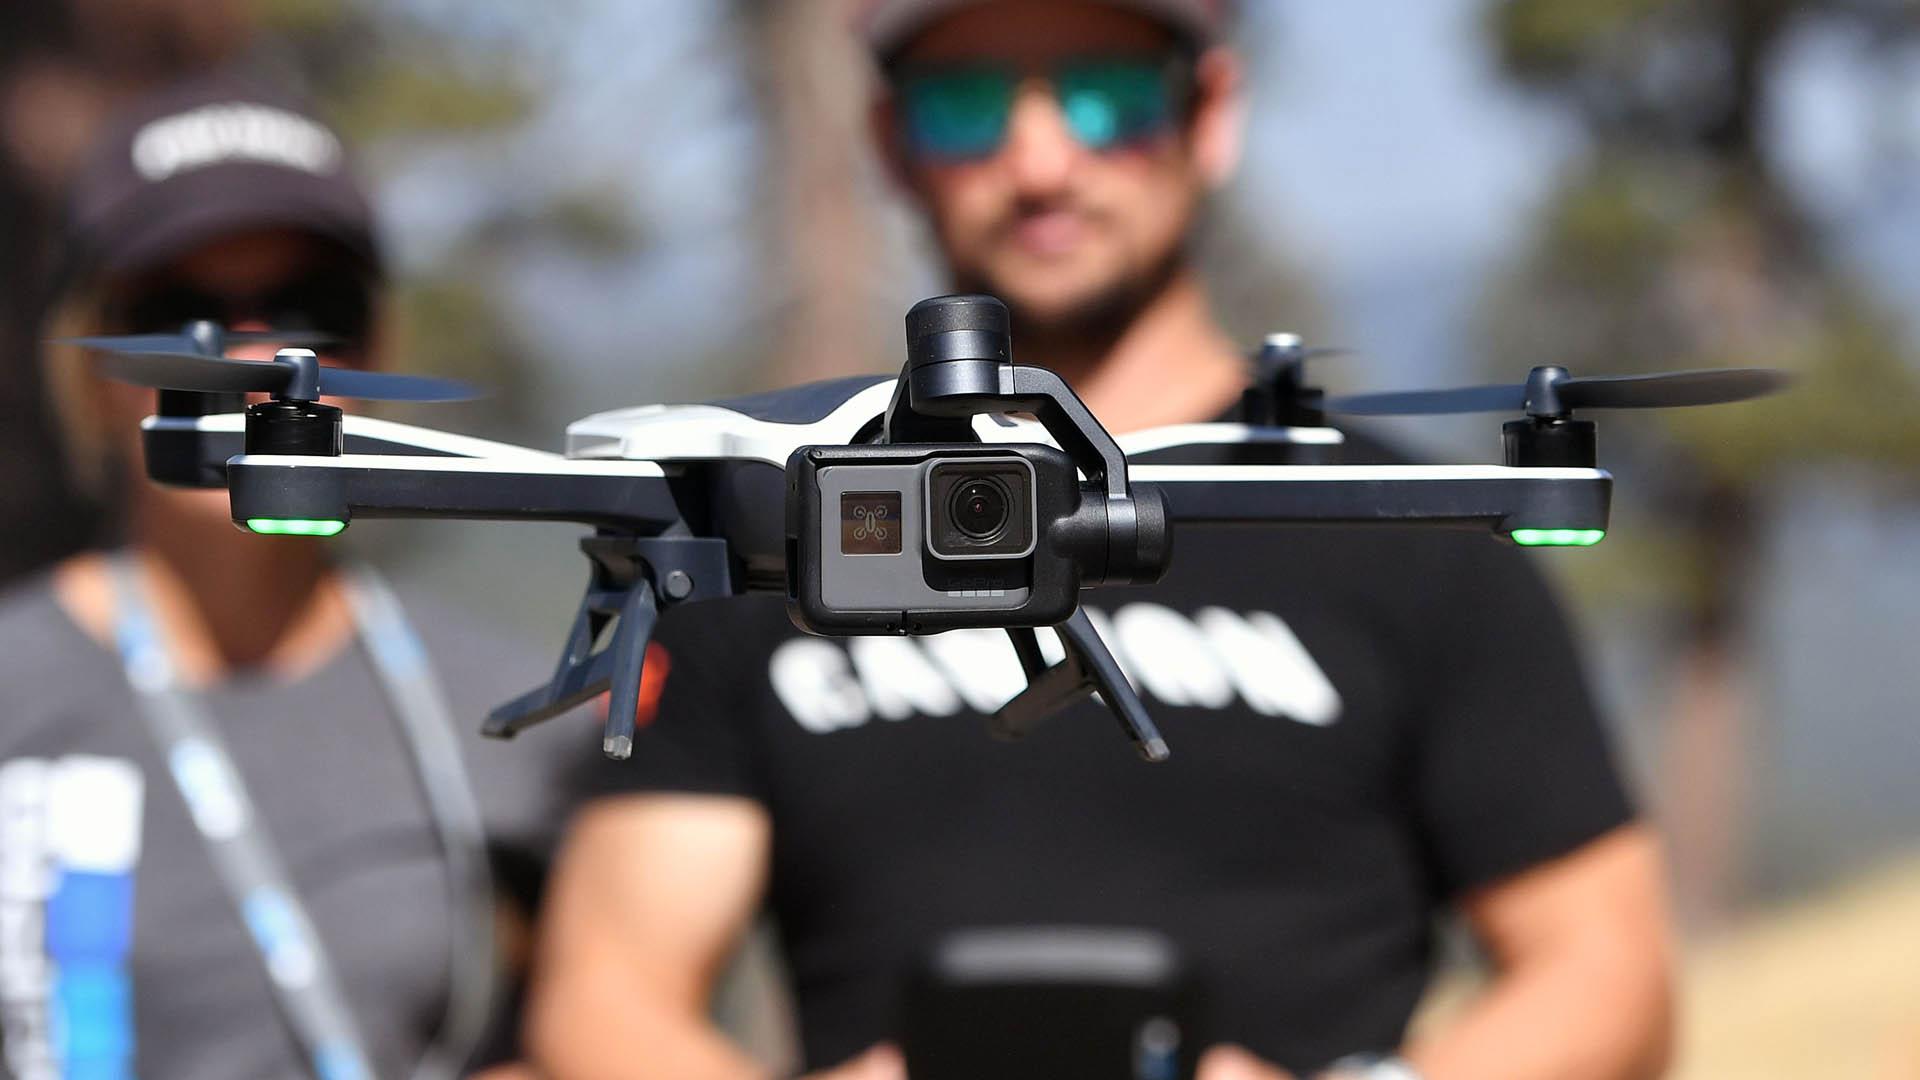 La empresa informó que retirará del mercado su drone Karma porque el motor se detiene durante el vuelo